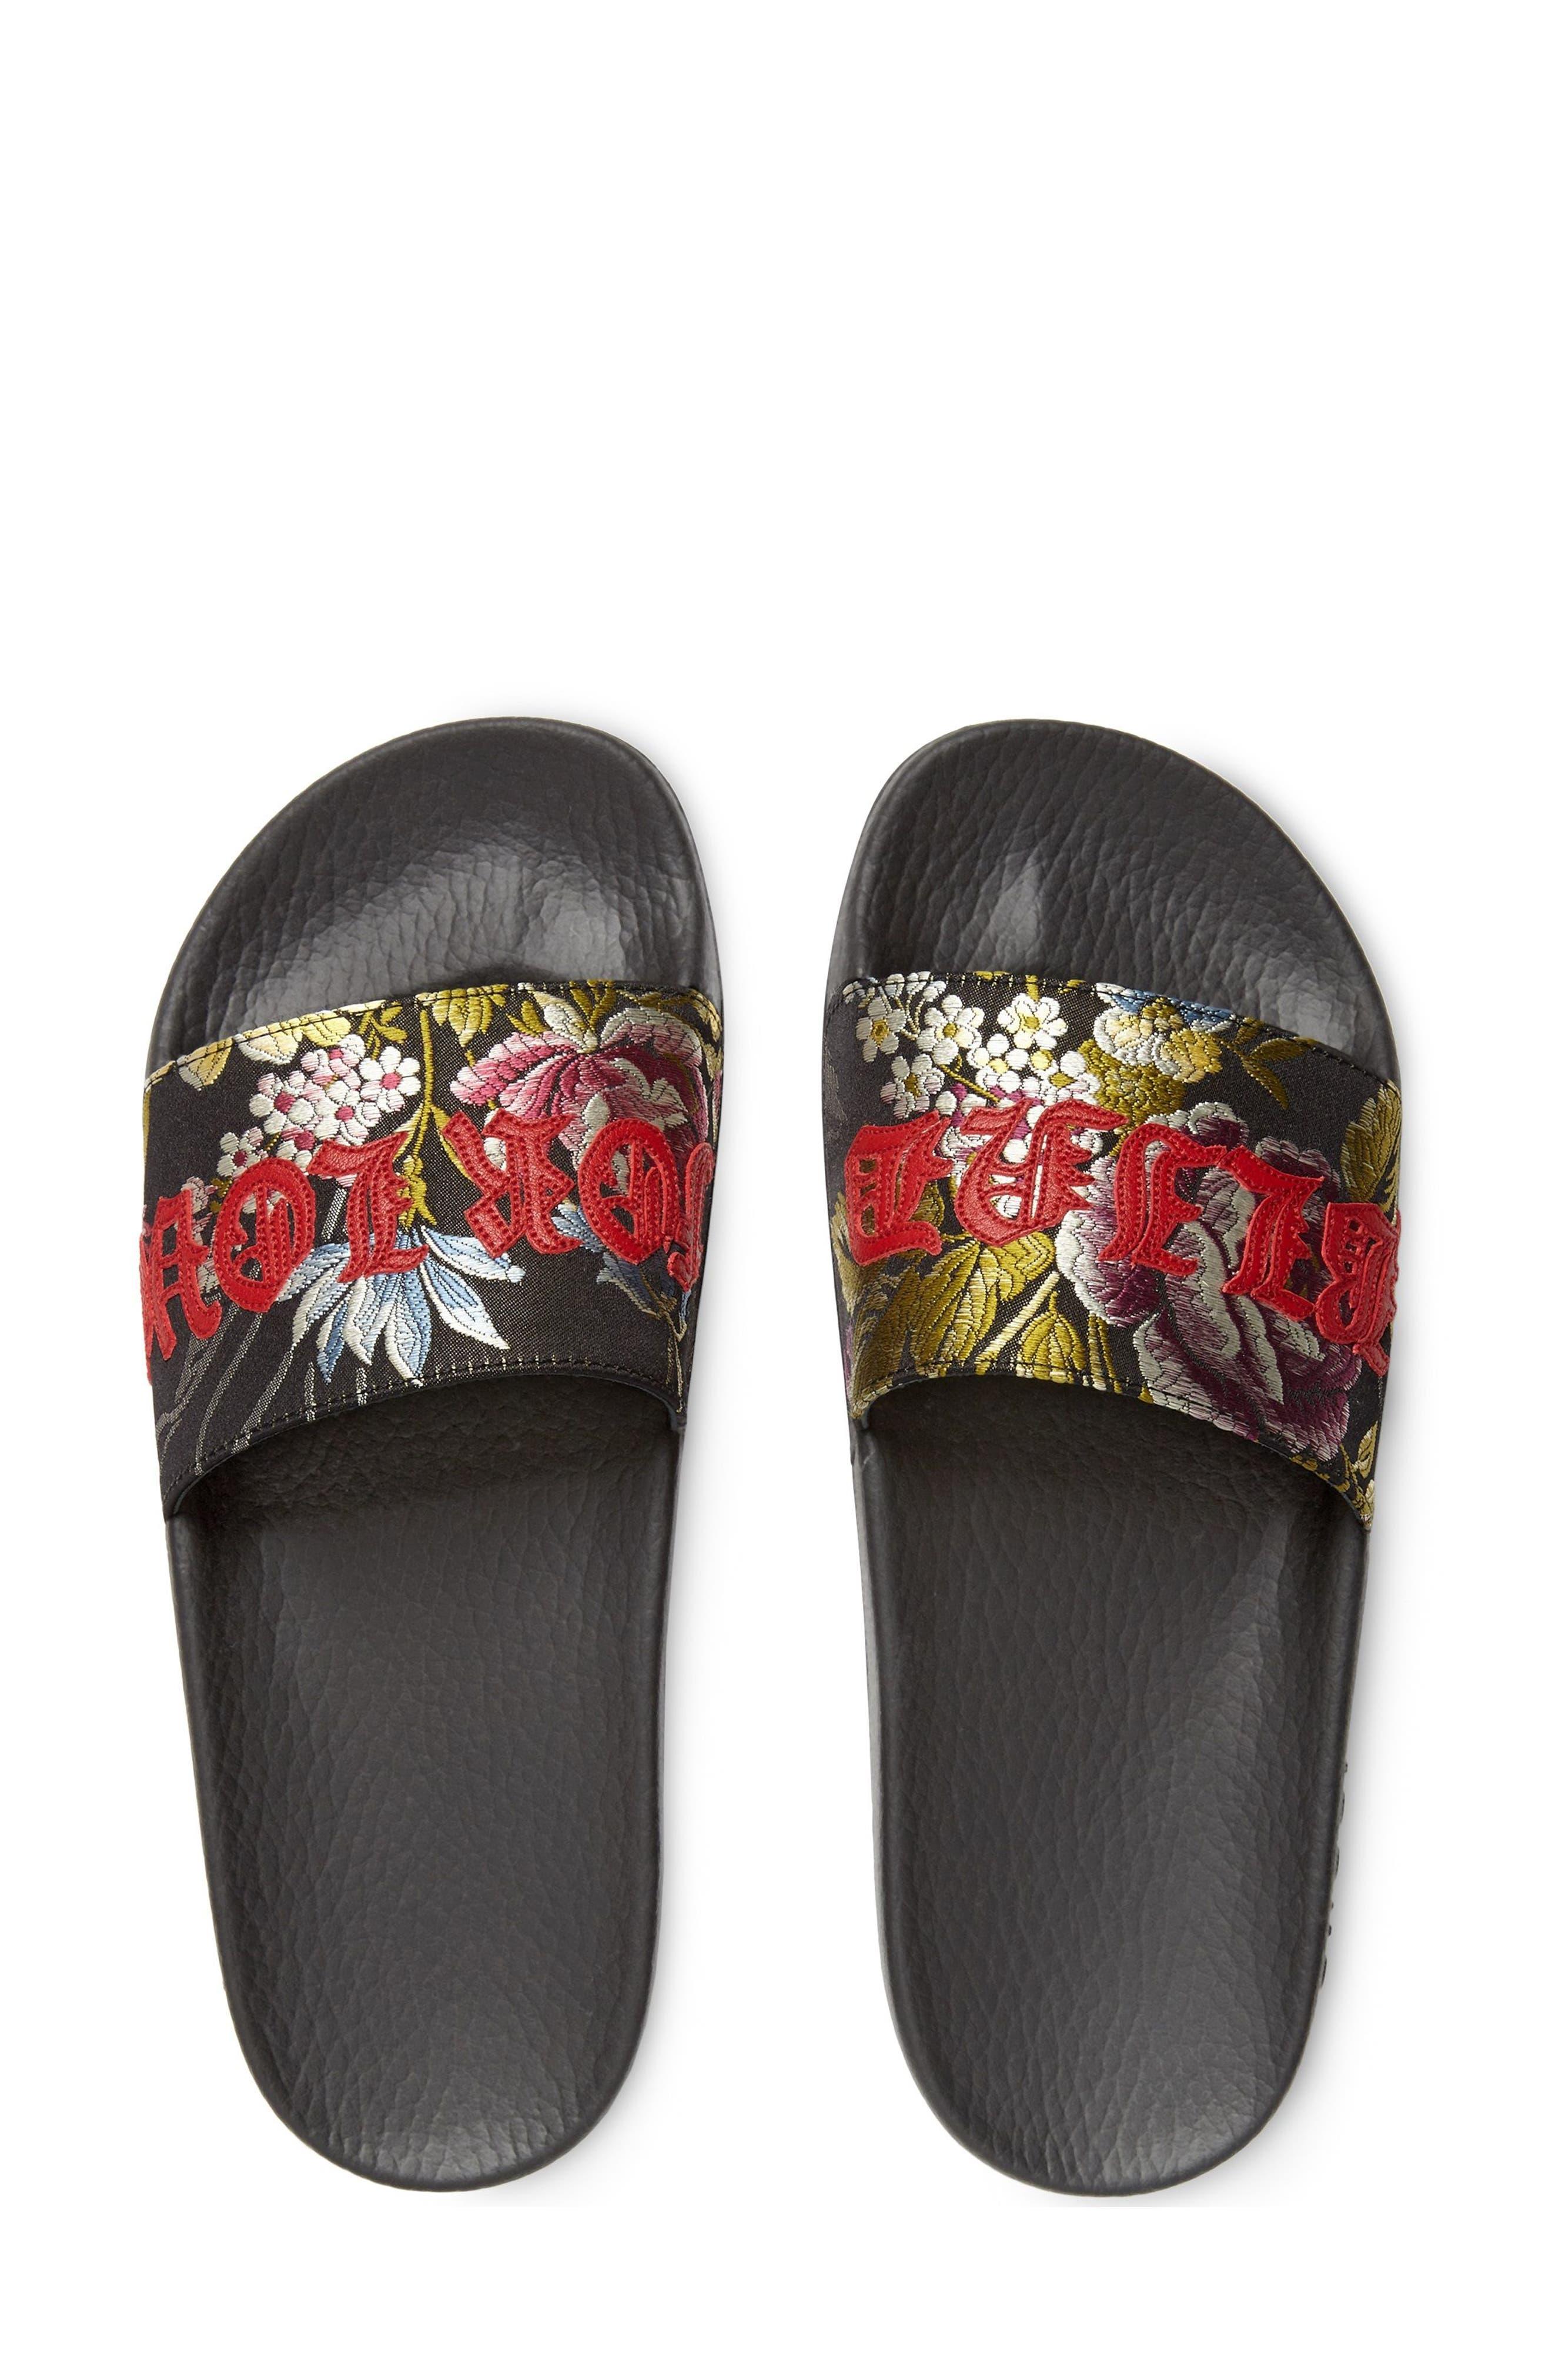 Alternate Image 2  - Gucci Pursuit Blind for Love Slide Sandal (Women)